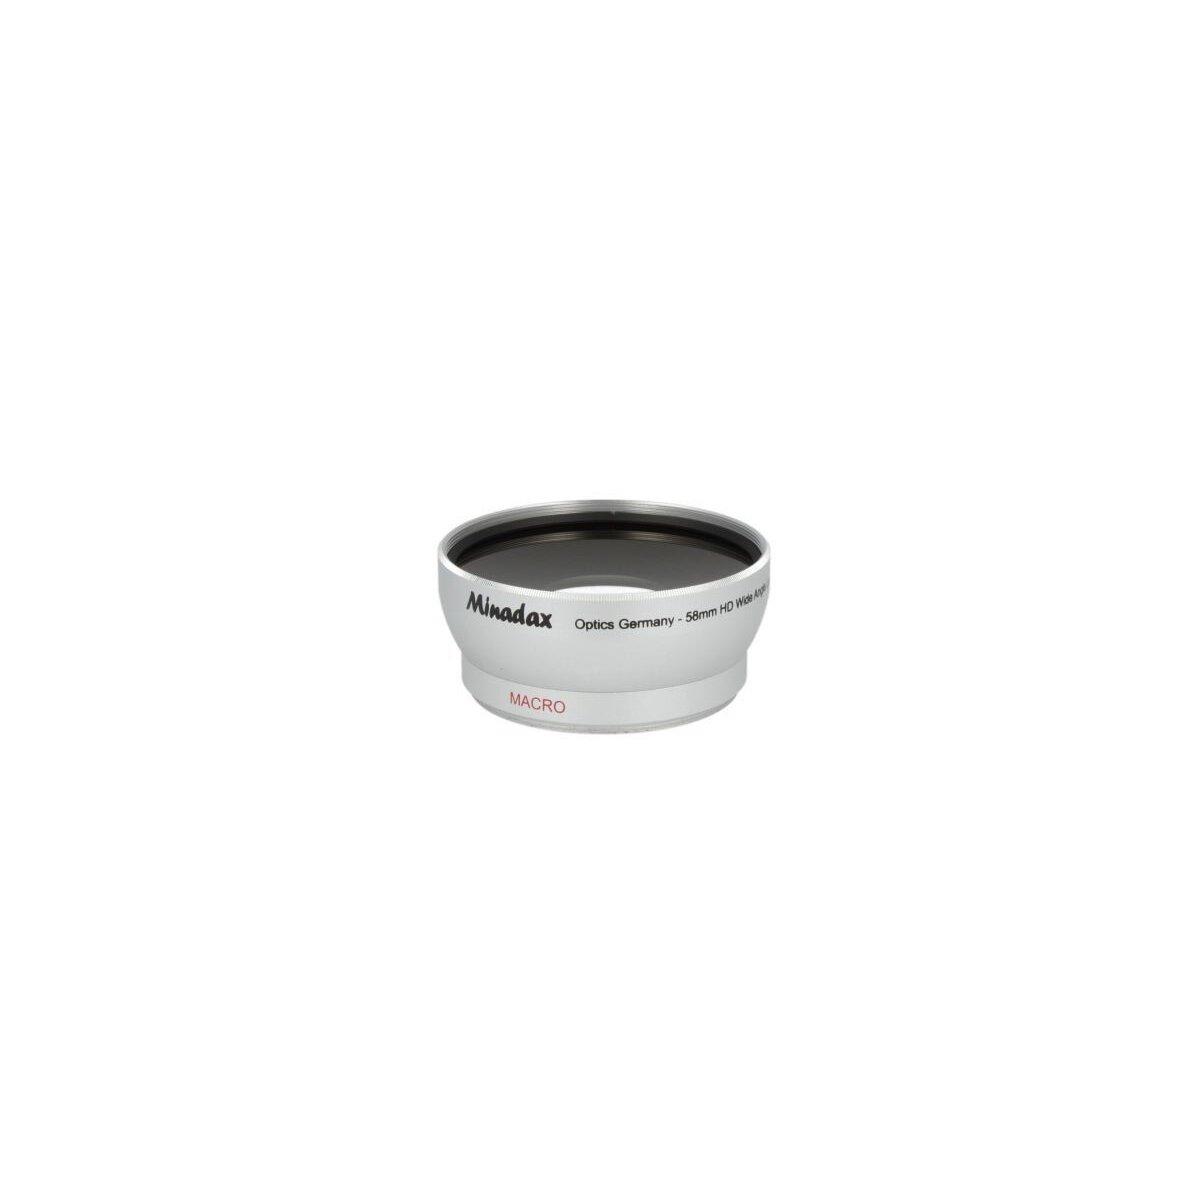 0.5x Minadax Weitwinkel Vorsatz mit Makrolinse kompatibel mit Panasonic Lumix DMC-FZ50, DMC-FZ30, Leica V-LUX 1 - in silber